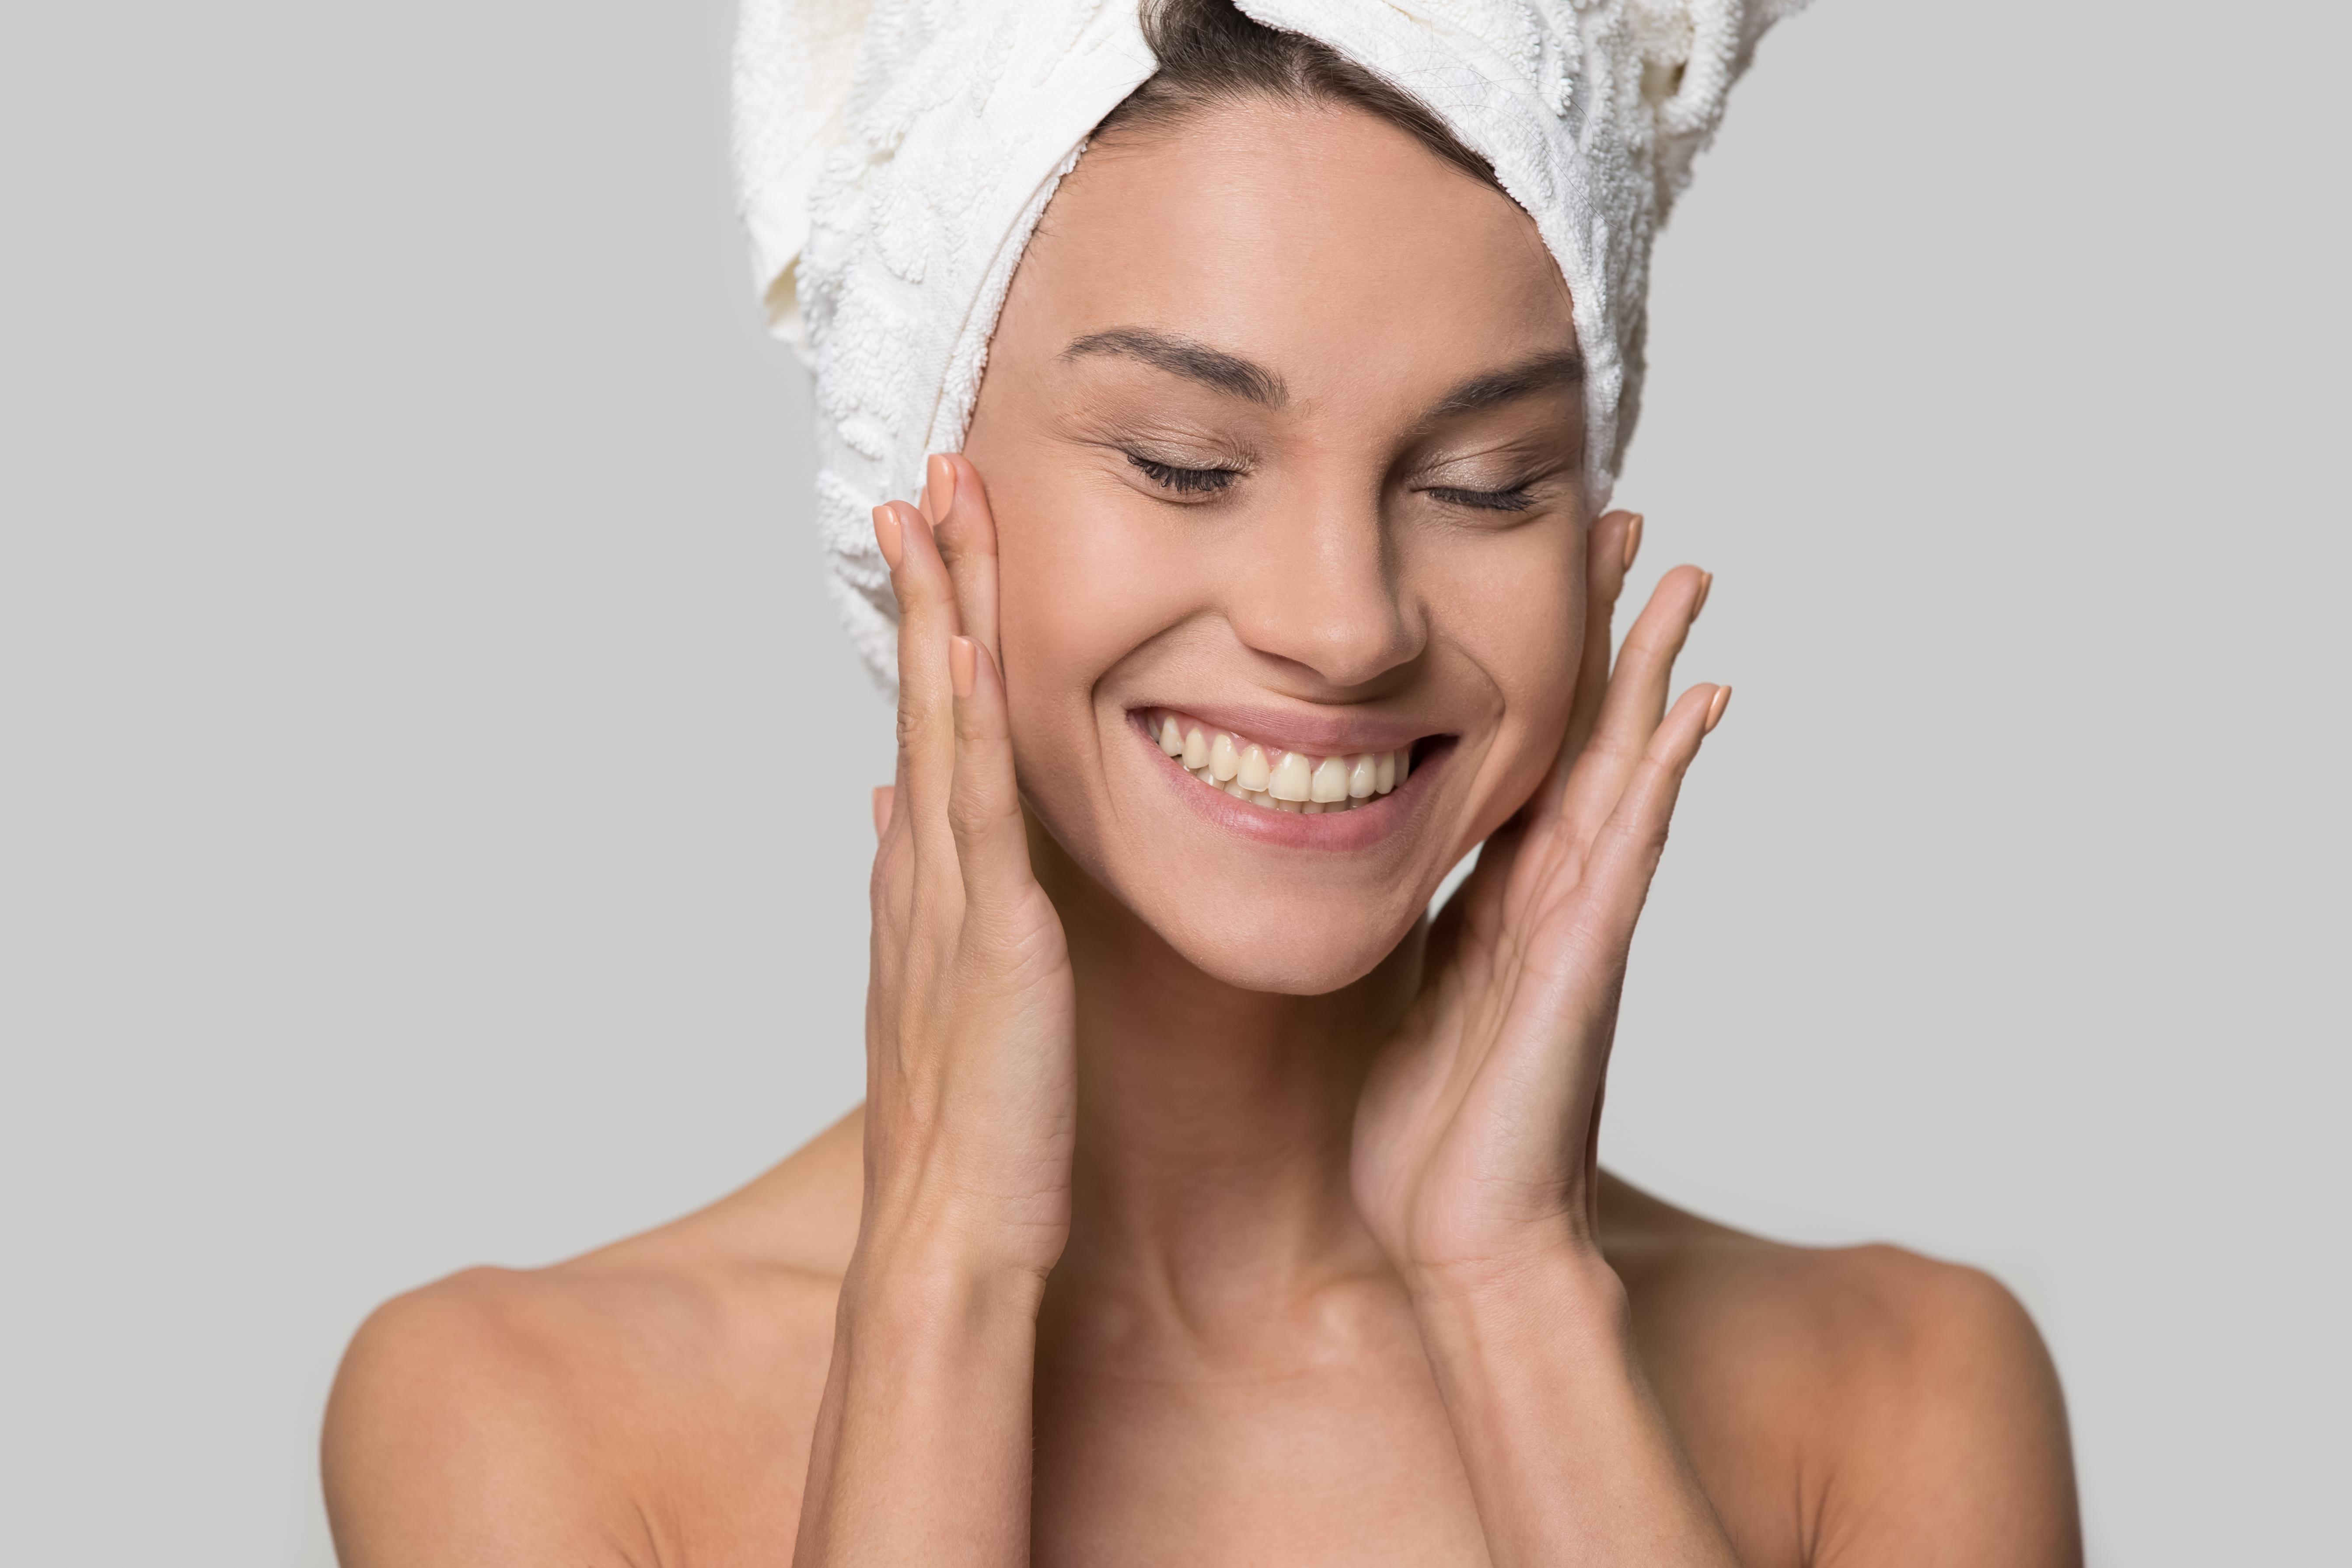 piel, limpieza, exfoliaste, productos de belleza, belleza natural